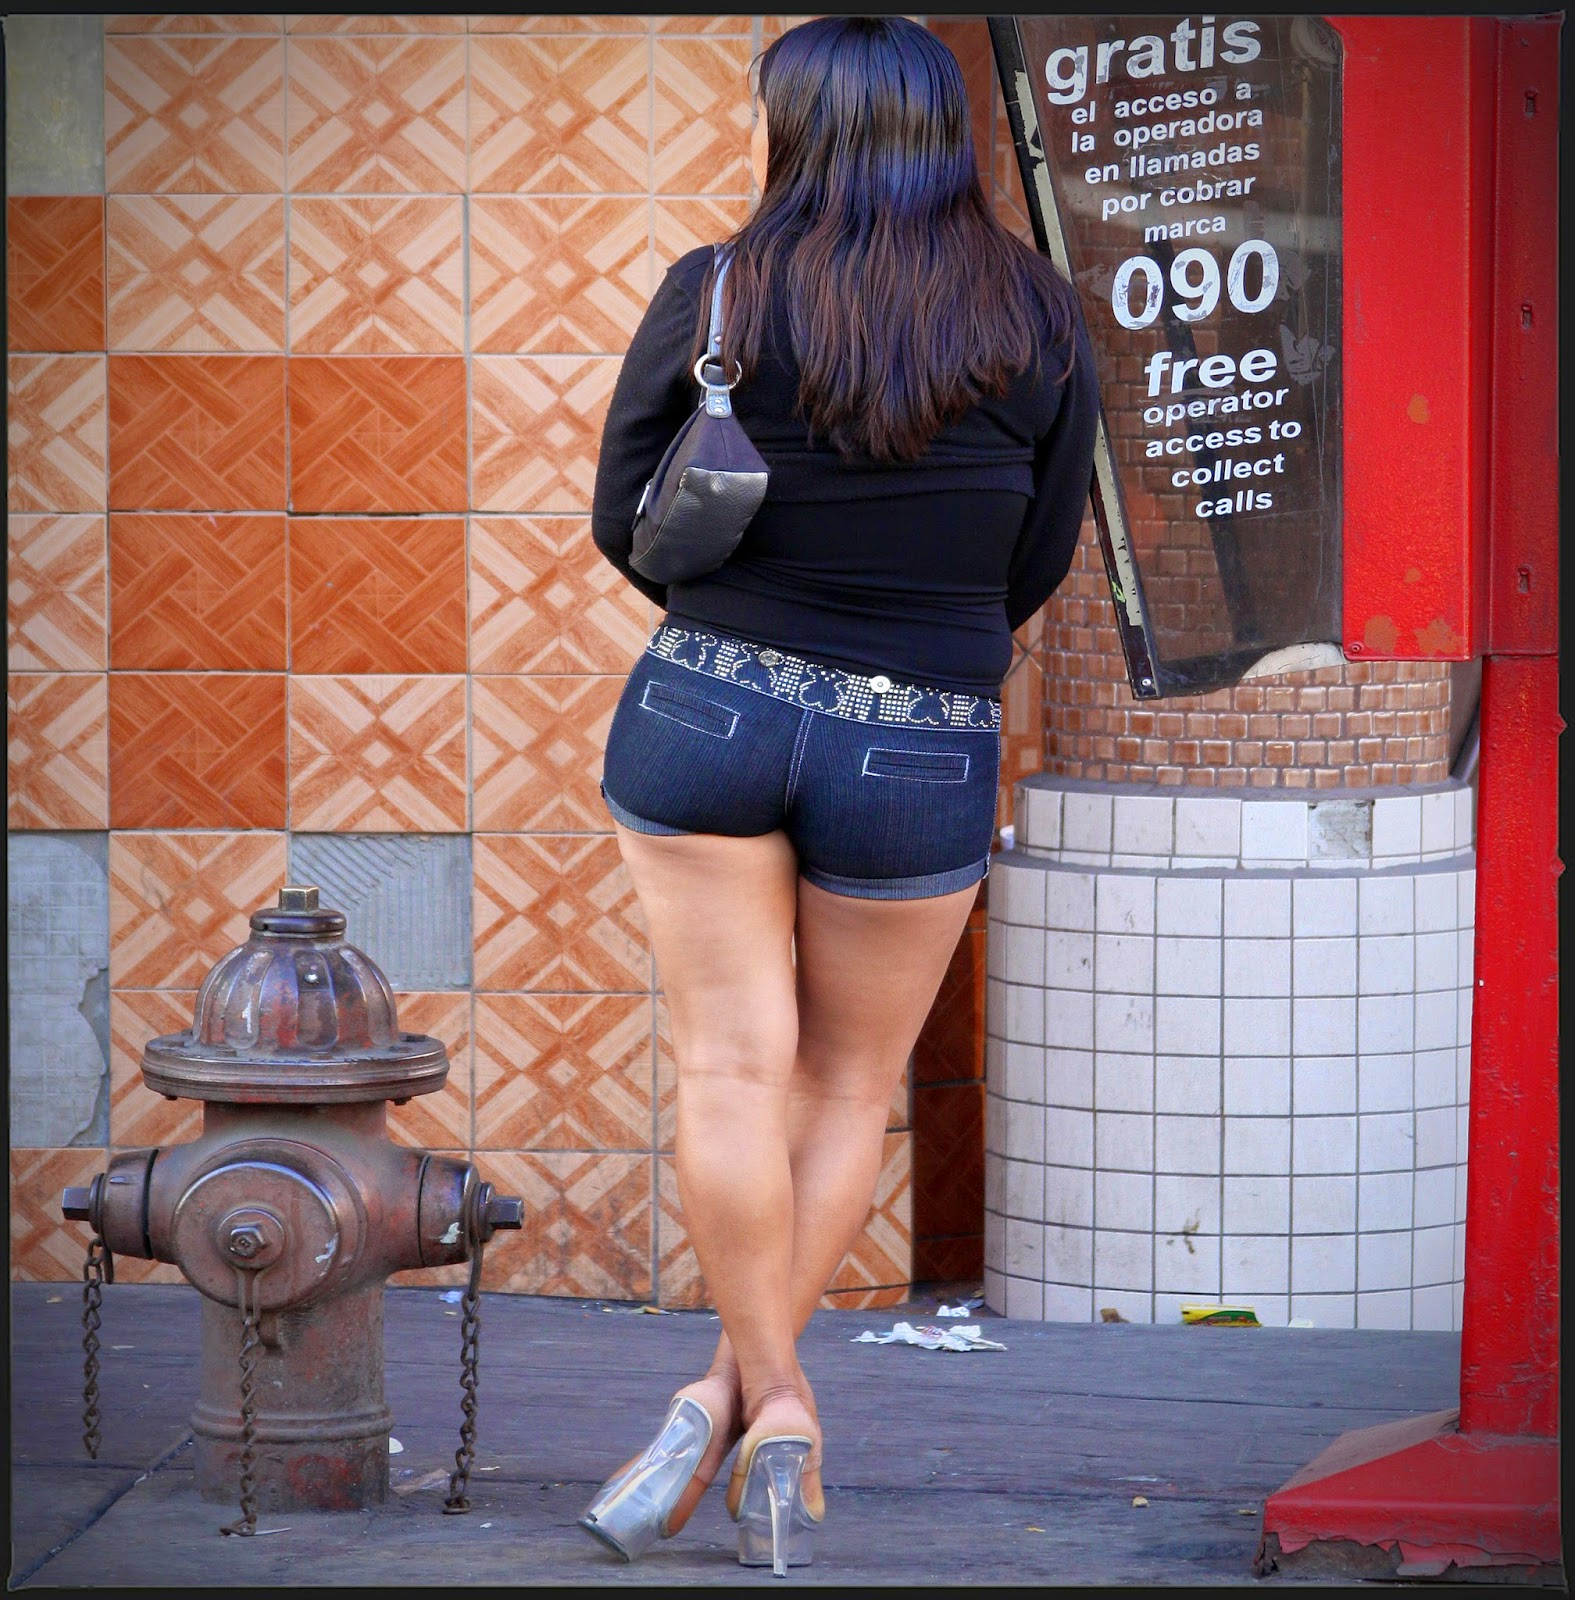 Trouver prostituée dax